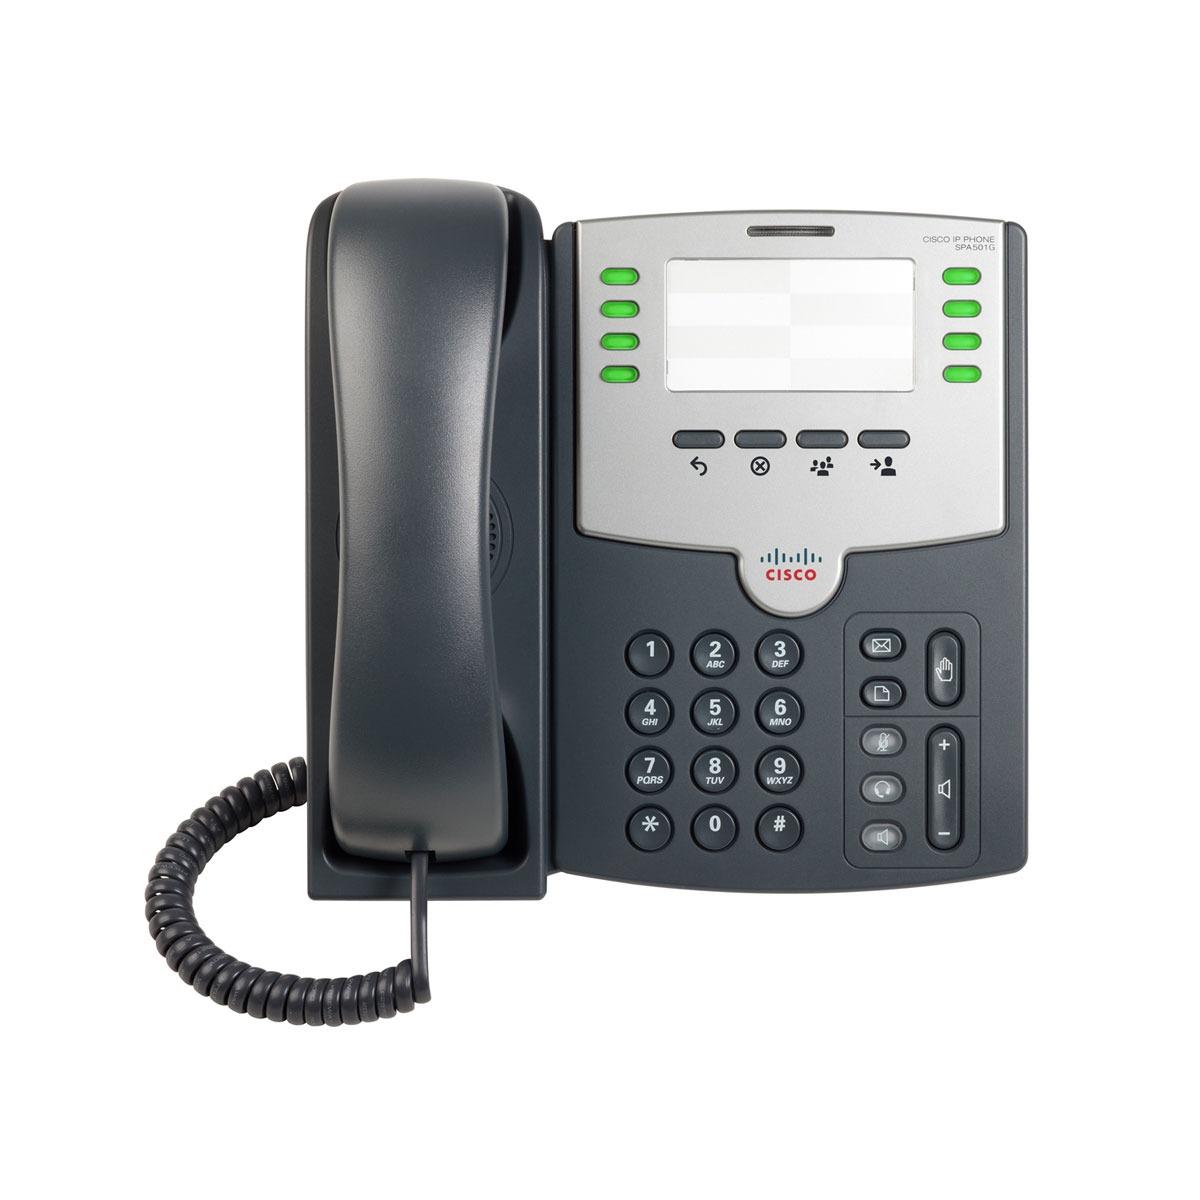 Téléphonie VoIP Cisco Small Business PRO SPA501G Cisco Small Business PRO SPA501G - Téléphone 8 lignes pour VoIP